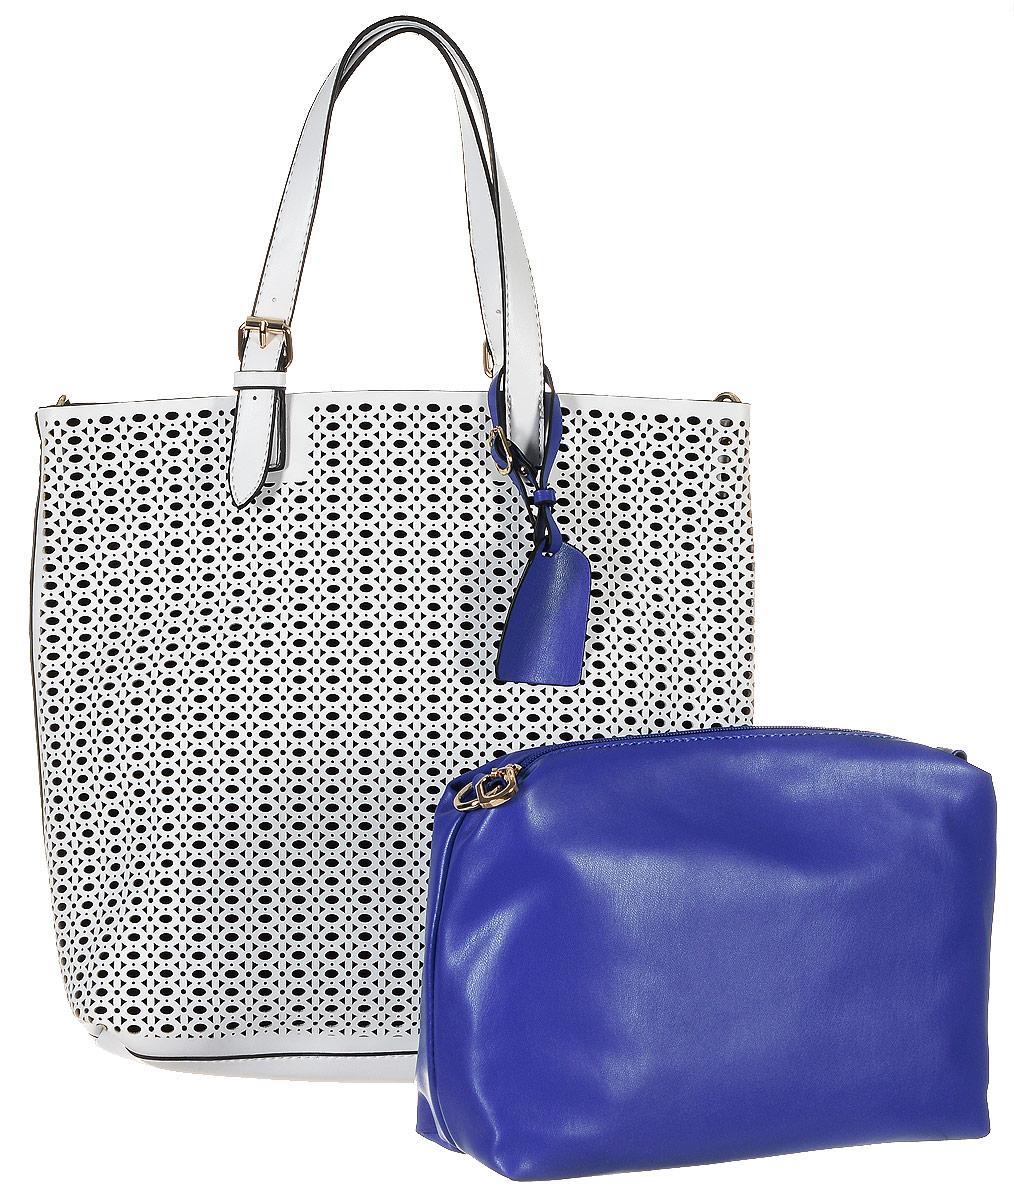 Сумка женская Vitacci, цвет: белый. 13428-213428-2Изысканная женская сумка Vitacci выполнена из качественной искусственной кожи. Удобные ручки выполнены в виде ремешков и регулируются по высоте. Внутри сумка выполнена из бархатной ткани. Внутри сумка оснащена съемным отделением с текстильной подкладкой, выполненным из искусственной кожи синего цвета, внутри которого содержится два накладных кармана для телефона и мелких принадлежностей, а также врезной карман на молнии. Съемное отделение крепиться к основной сумке с помощью ремешков на кнопке, имеет металлические крепежи для плечевого ремешка, поэтому его можно использовать как отдельный аксессуар. Сумка оснащена съемным плечевым ремнем регулируемой длины, которые позволят носить изделие как в руках так и на плече. Ручки сумки декорированы оригинальным брелоком на ремешке. Практичная и стильная сумка прекрасно завершит ваш образ.